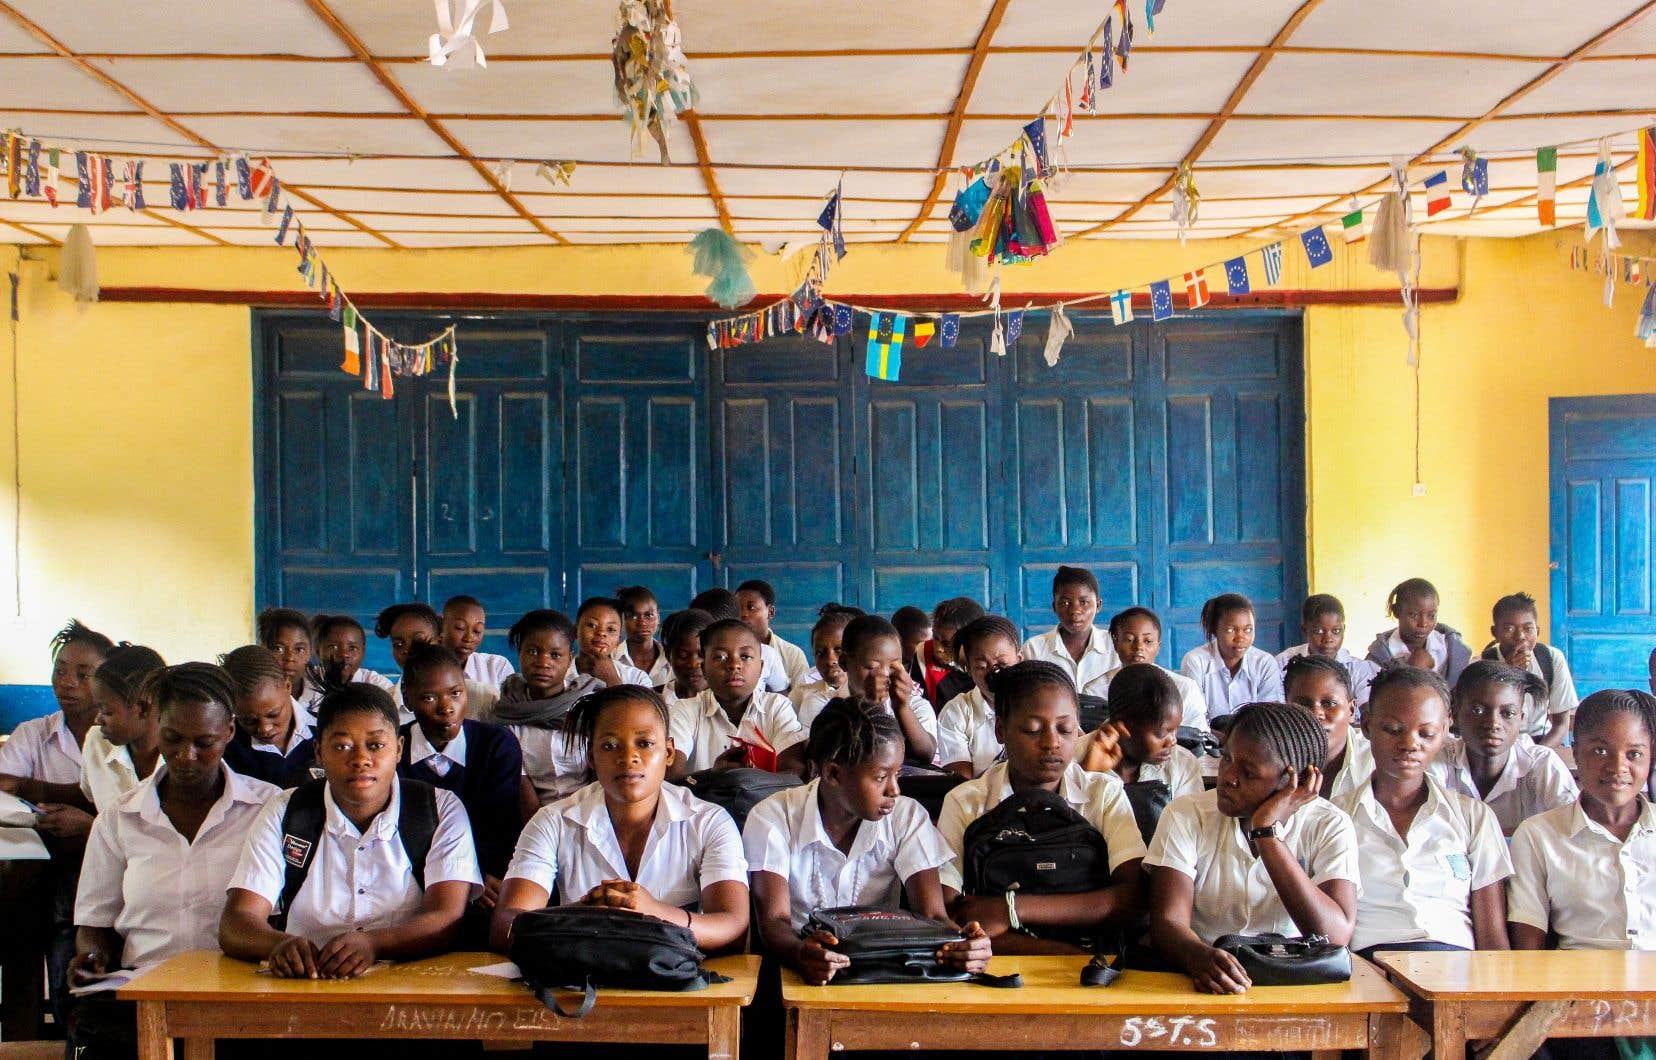 Une école située en République démocratique  du Congo, où le projet EDUFAM réunit différents partenaires pour favoriser l'éducation des filles.